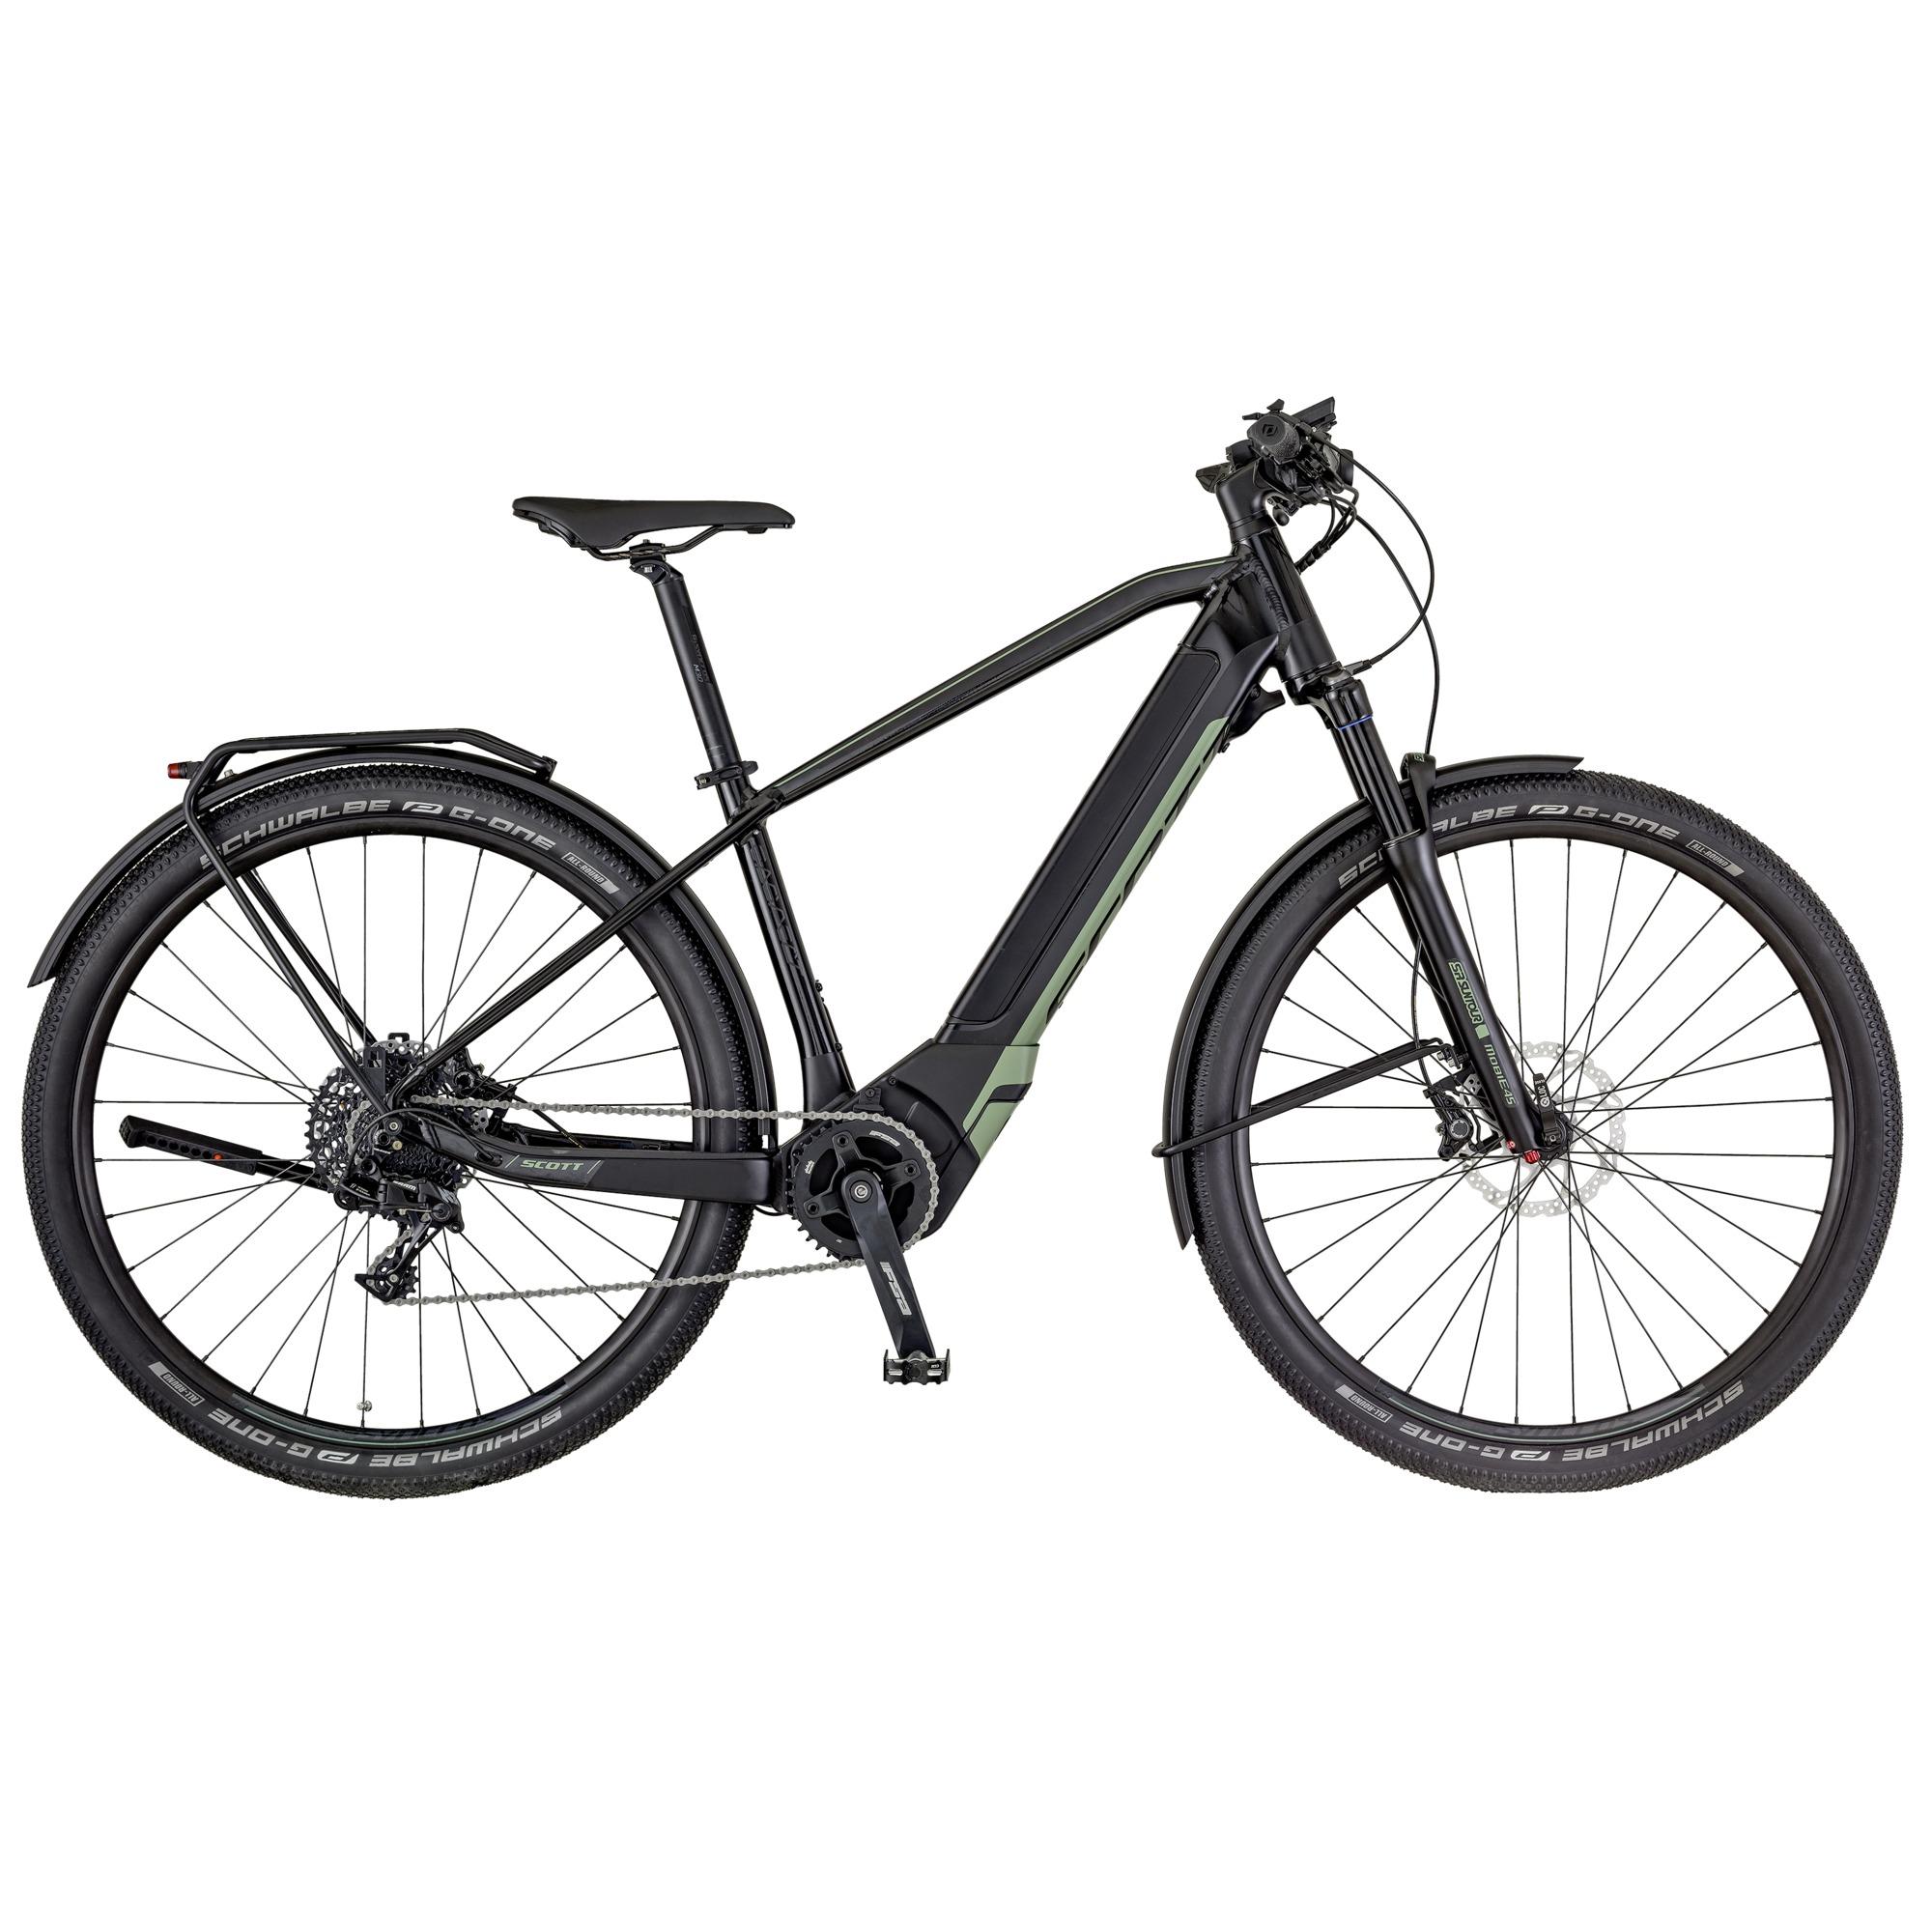 SCOTT E-Aspect AT Bike L9 - Zweirad Homann